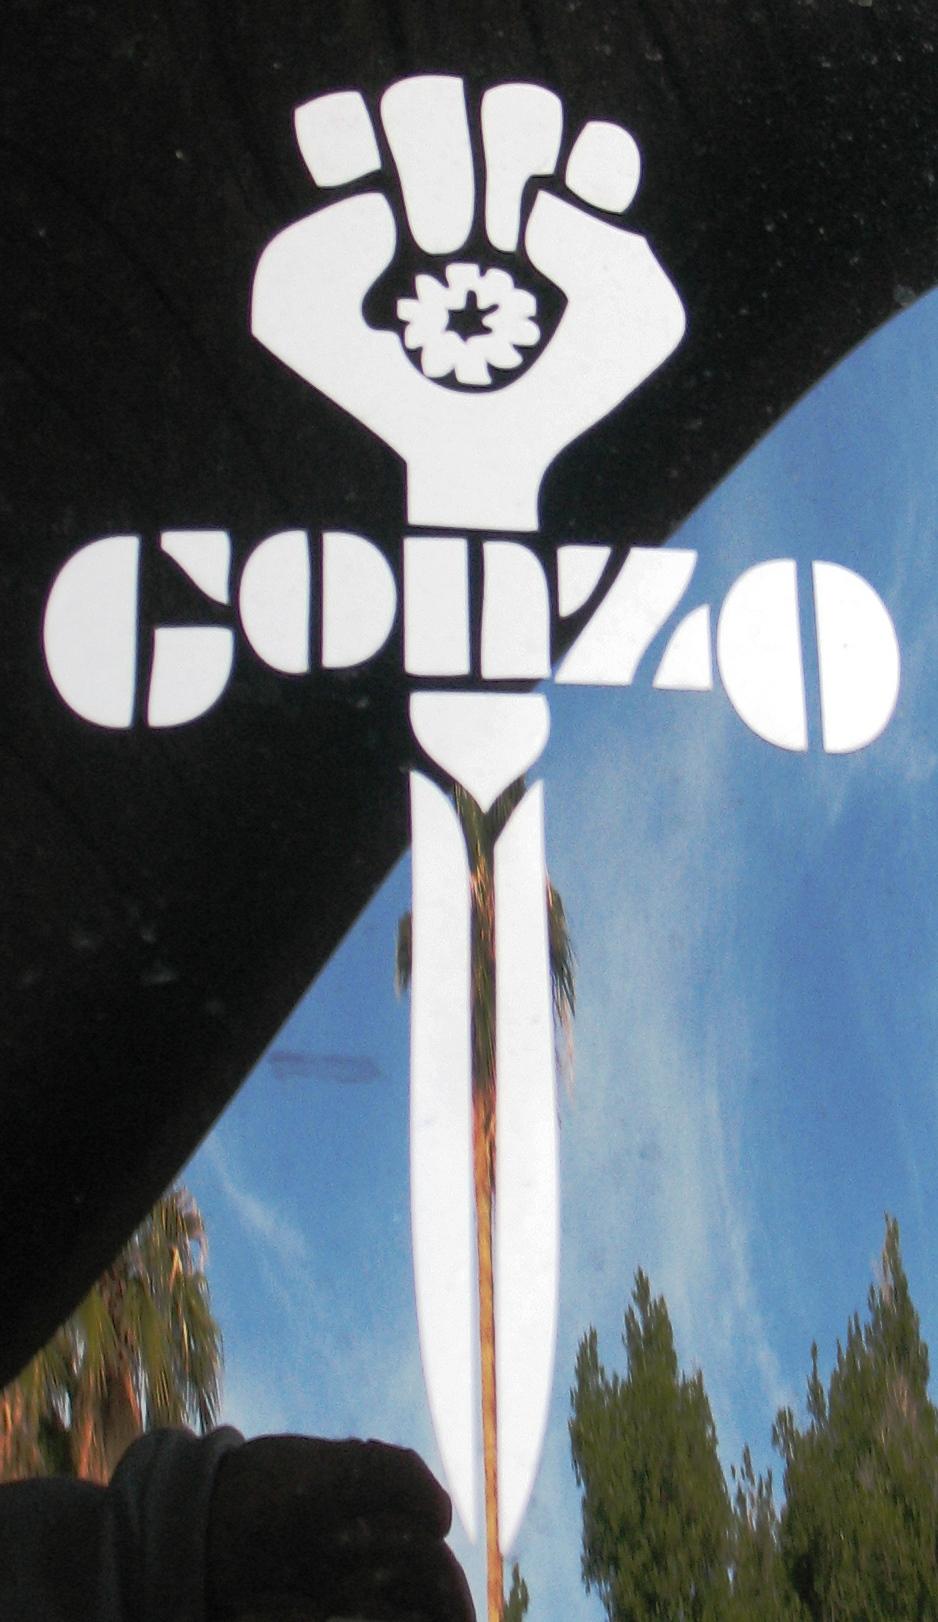 2008 Scion xB